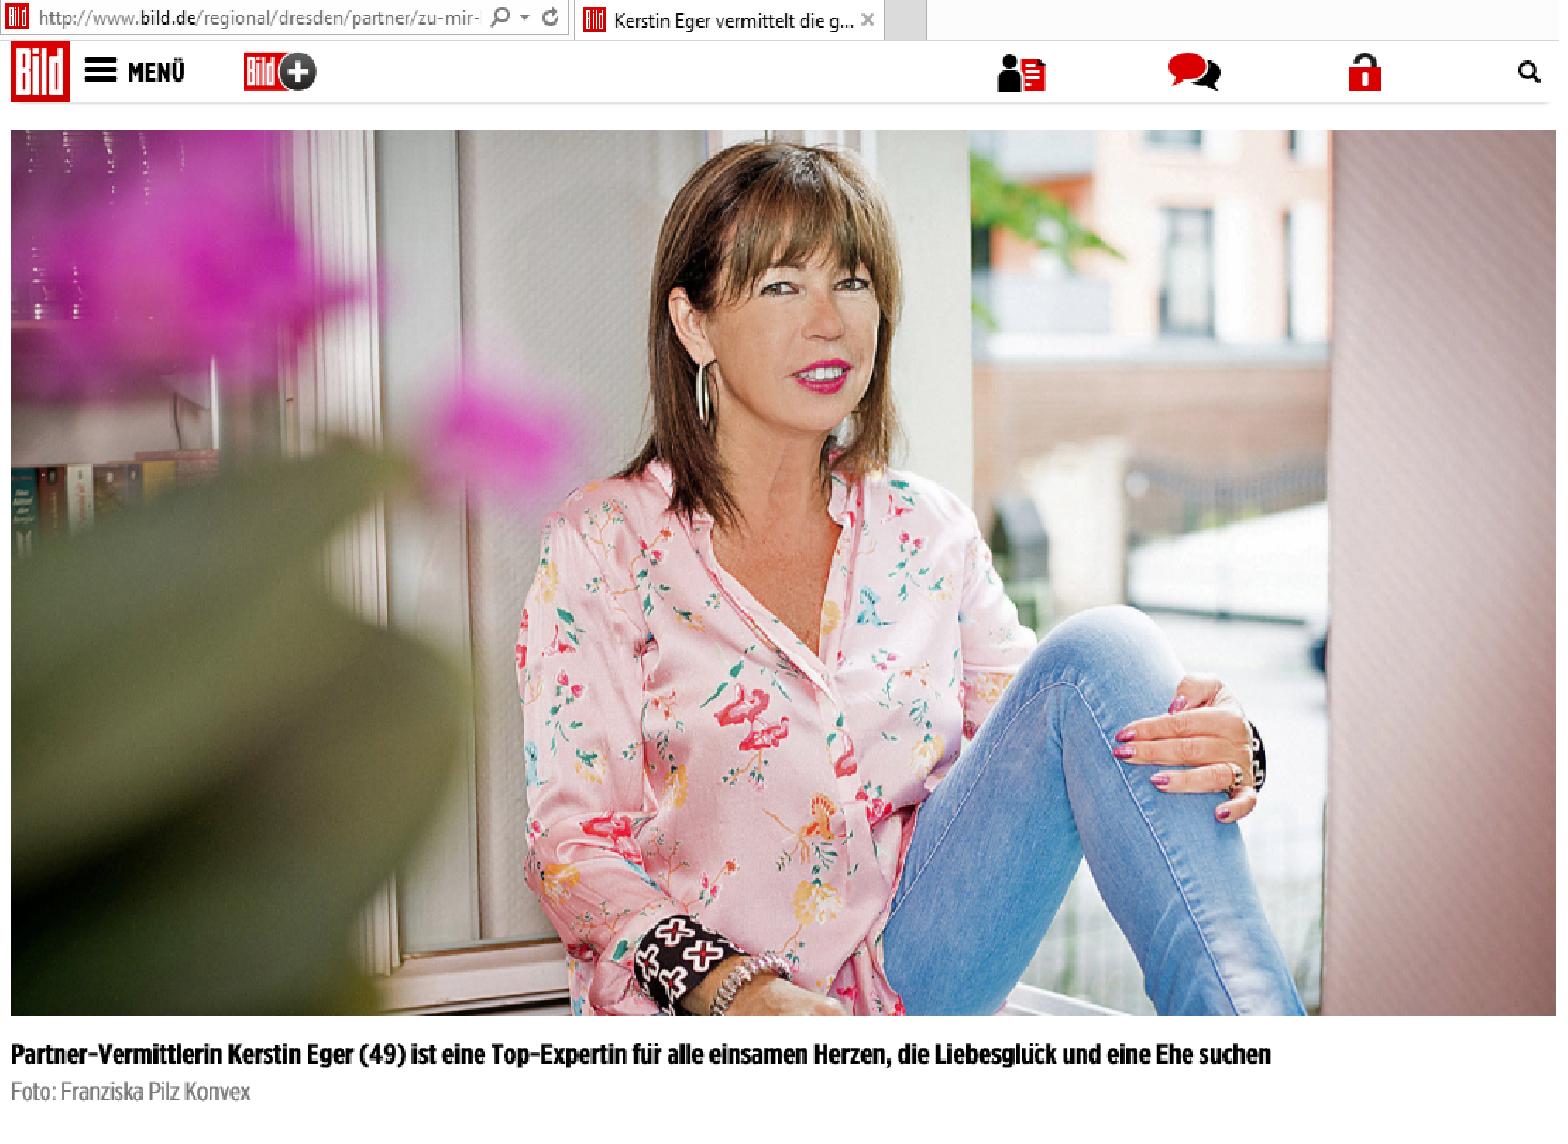 Kerstin Eger Romy van Mader Sex Lügen und Schokolade Bild Zeitung